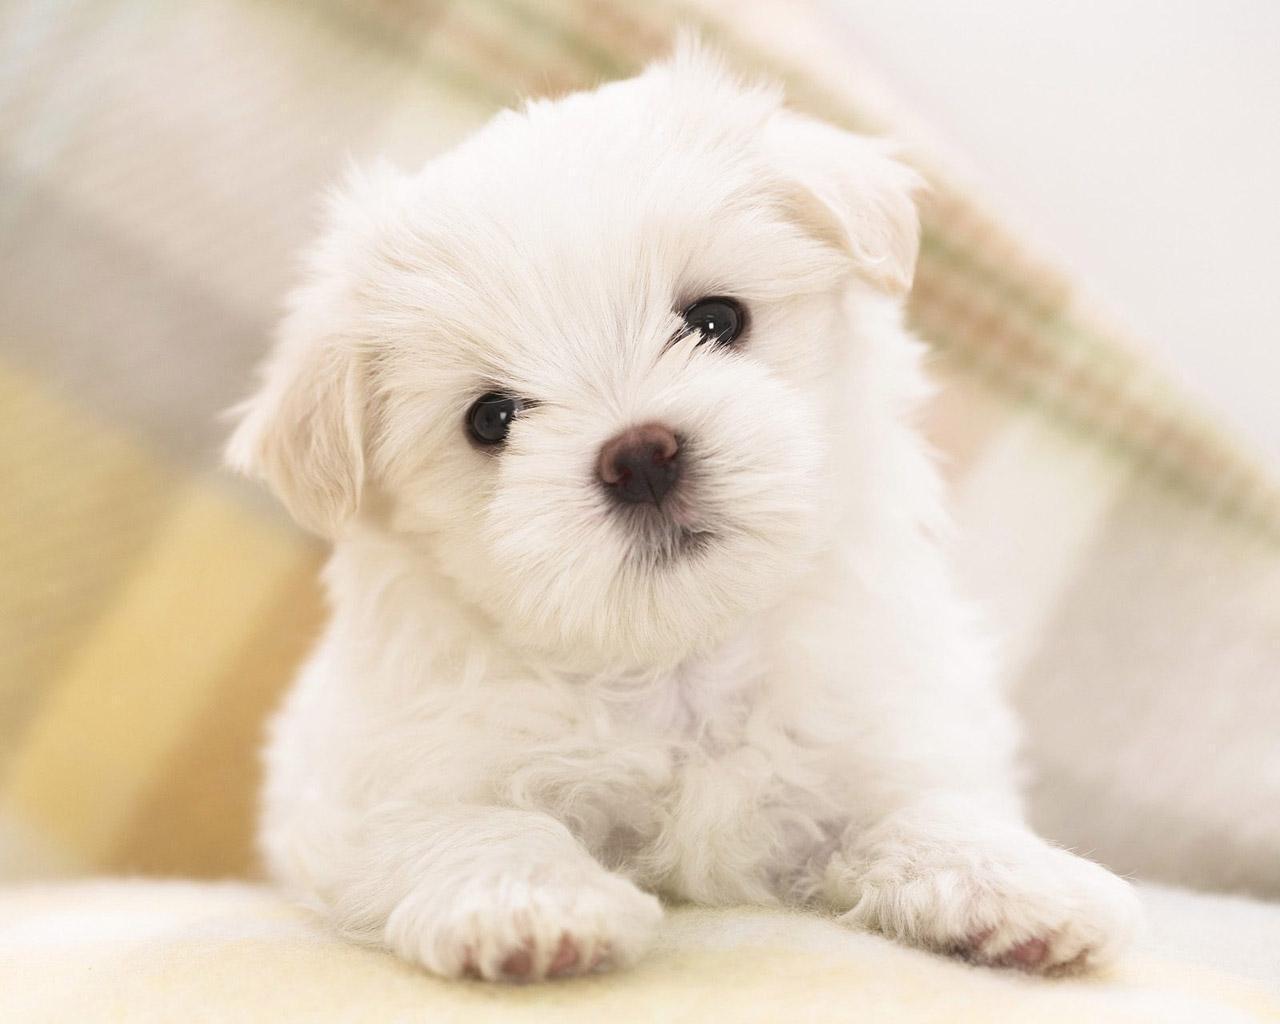 Hình ảnh chó dễ thương và đẹp nhất